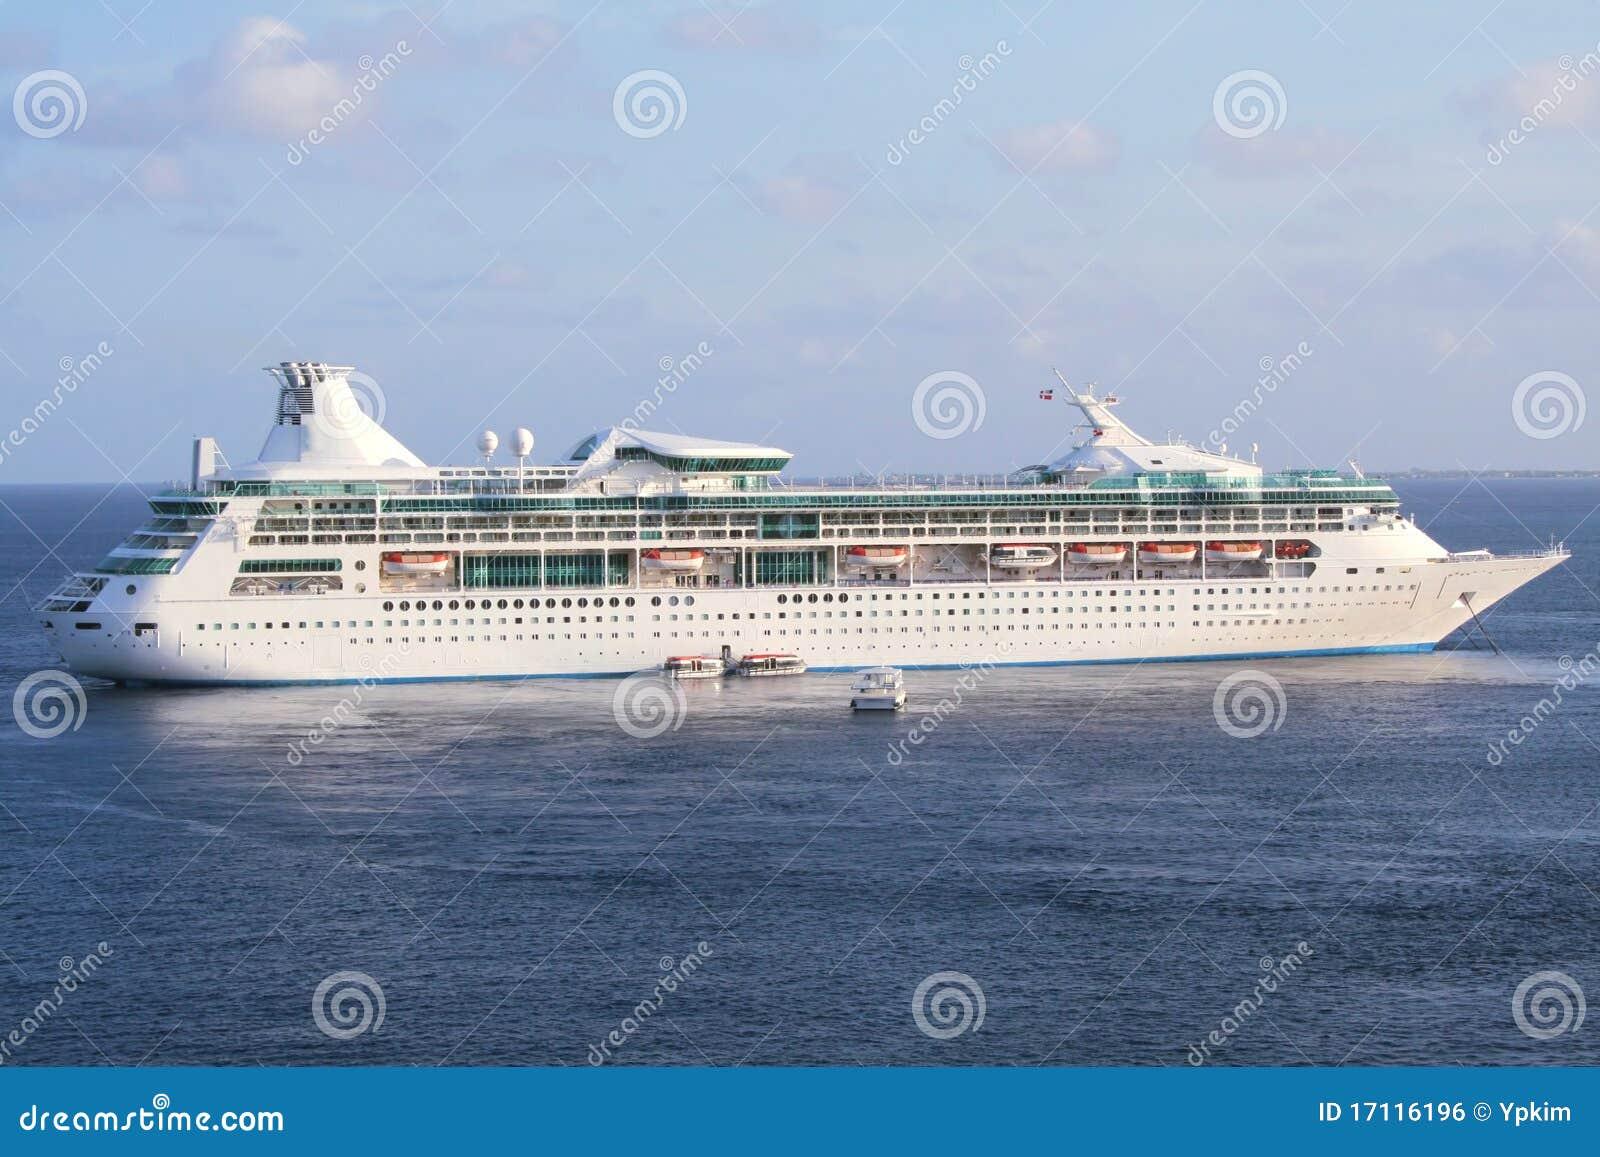 Cruise Ship Royalty Free Stock Image Image 17116196